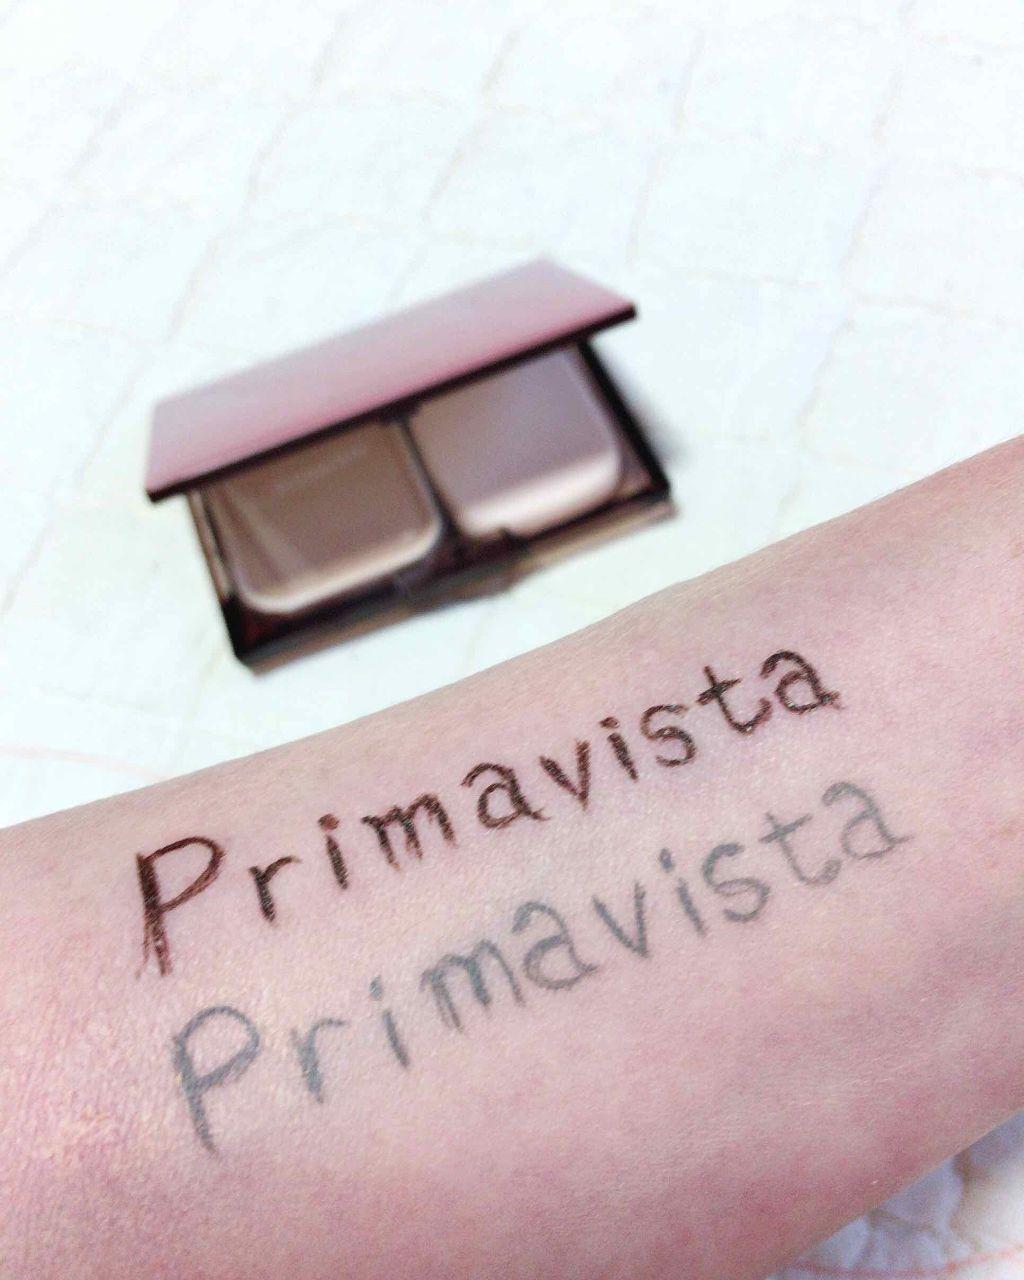 きれいな素肌質感パウダーファンデーション/ソフィーナ プリマヴィスタ/パウダーファンデーションを使ったクチコミ(1枚目)